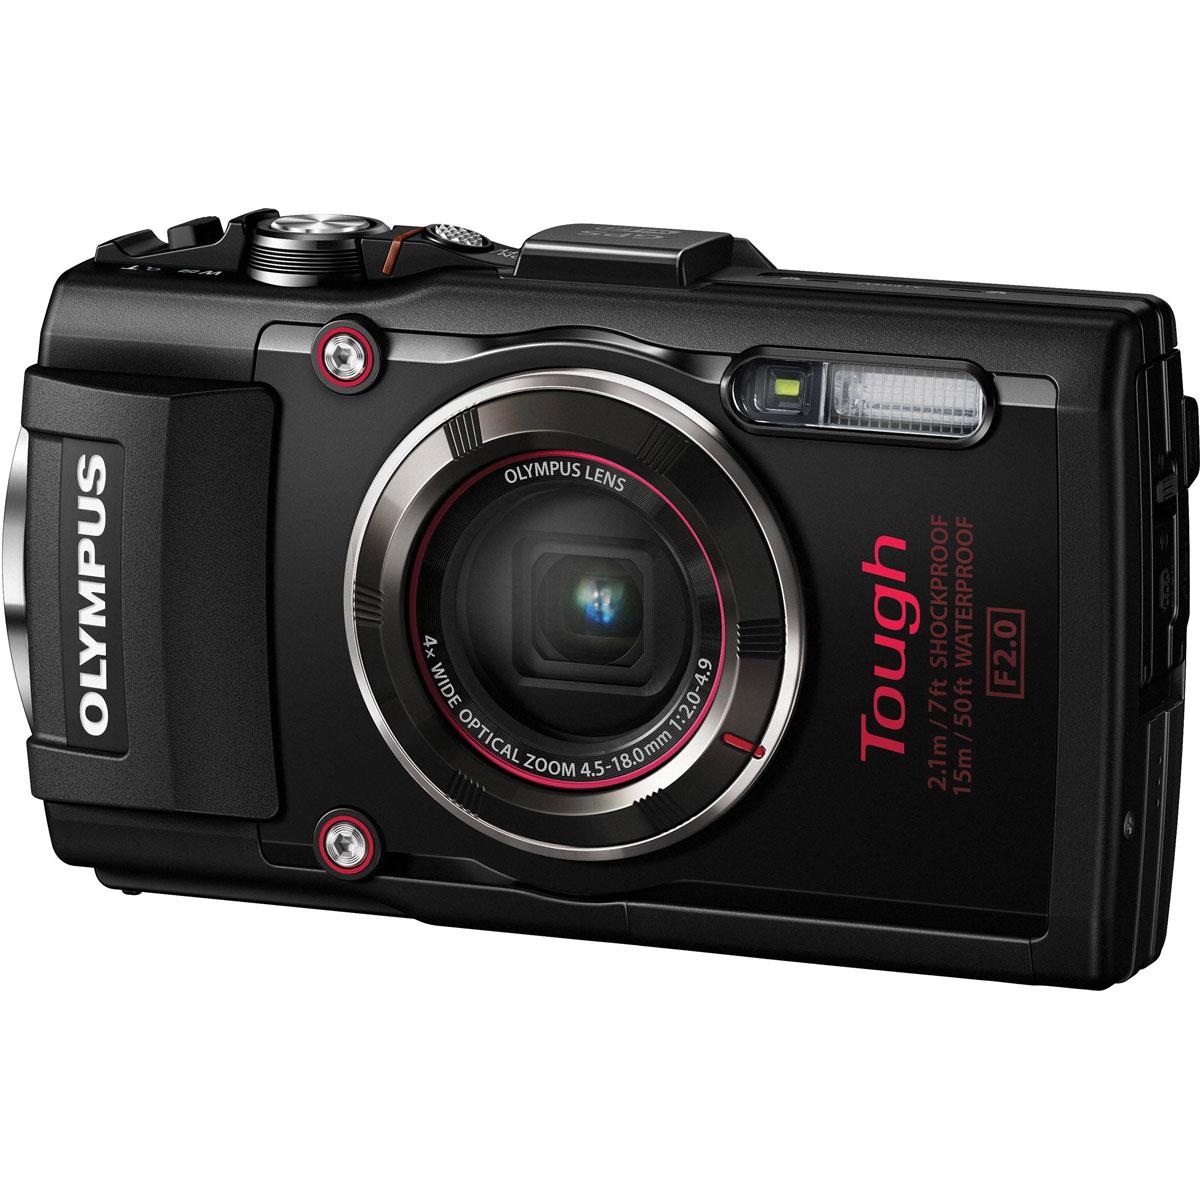 Olympus TG-4, Black цифровая фотокамераV104160BE000Будь то коралловые рифы, разломы или морская жизнь, камера Olympus TG-4 всегда с вами. Эта цифровая камера с защитой от брызг, отлично работающая на высшем уровне даже в глубинах океана. Невероятная светосила 1:2.0 высокоскоростного объектива позволяет делать захватывающие, яркие снимки моря во время дайвинга или снорклинга.Камера Olympus TG-4 всегда готова к приключениям: пересеченная гористая местность при отрицательной температуре, снег, песчаная буря, темные, густые леса. Интеллектуальная система заглушек позволяет Olympus TG-4 работать в самых экстремальных условиях в любой точке мира.Камера Olympus TG-4 достаточно мощная, чтобы запечатлеть всё, что может предложить природа. Используйте один из четырех возможных режимов макро-съемки, например, уникальный режим следящего фокуса, чтобы отразить свою креативность. Приблизьтесь на максимально близкое расстояние к насекомым, цветам и снежинкам, чтобы сфотографировать их с невероятной четкостью в стиле микроскопа.Когда вы на природе, у вас не всегда есть шанс подготовиться к съемке. Но с широким 4x оптическим зумом Olympus TG-4 вам и не придется этого делать. В сочетании со скоростным автофокусом вы можете использовать зум от 25 до 100 мм (эквив. 35 мм) и делать великолепные, четкие снимки на расстоянии. Или проявите креативность при съемке природных пейзажей.Теперь делиться снимками из путешествий проще простого - с любой горной вершины или долины. Благодаря поддержке Wi-Fi камерой Olympus TG-4 и возможностям OI.Share. Где бы вы ни были, вы можете передавать фотографии на смартфон или планшет по беспроводной связи. Или используйте свое мобильное устройство как пульт ДУ для настройки Olympus TG-4 и съемки.GPS нового поколения быстро и точно отслеживает место съемки каждого фото. Если вы хотите знать, где вы, даже если камера выключена, используйте функцию е-компас - также показывающую информацию о давлении и высоте. Установите приложение OI.Track на смартфон и добавл